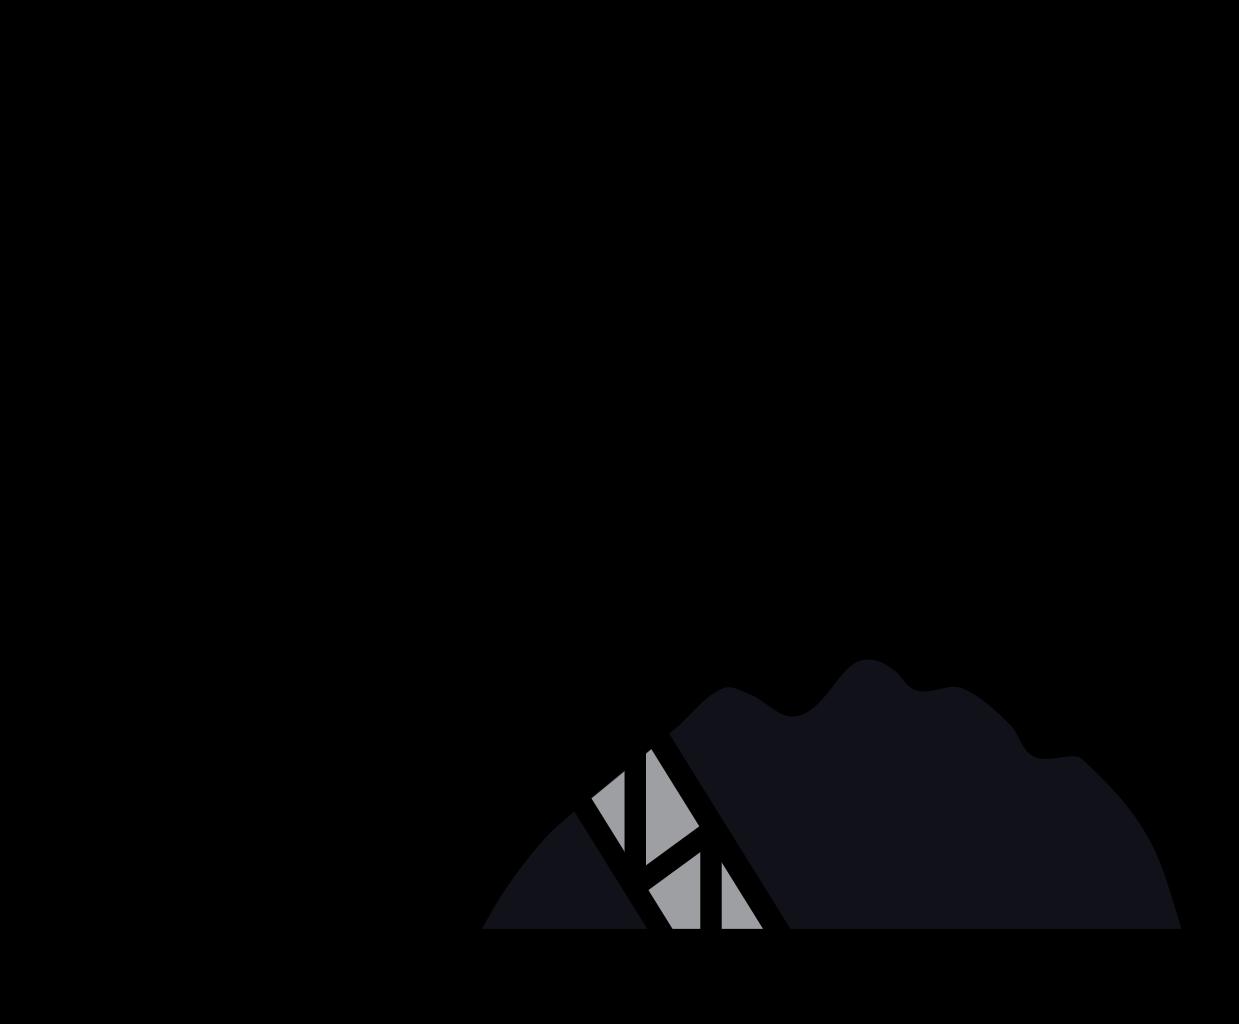 Coal clipart svg. File mine de charbon